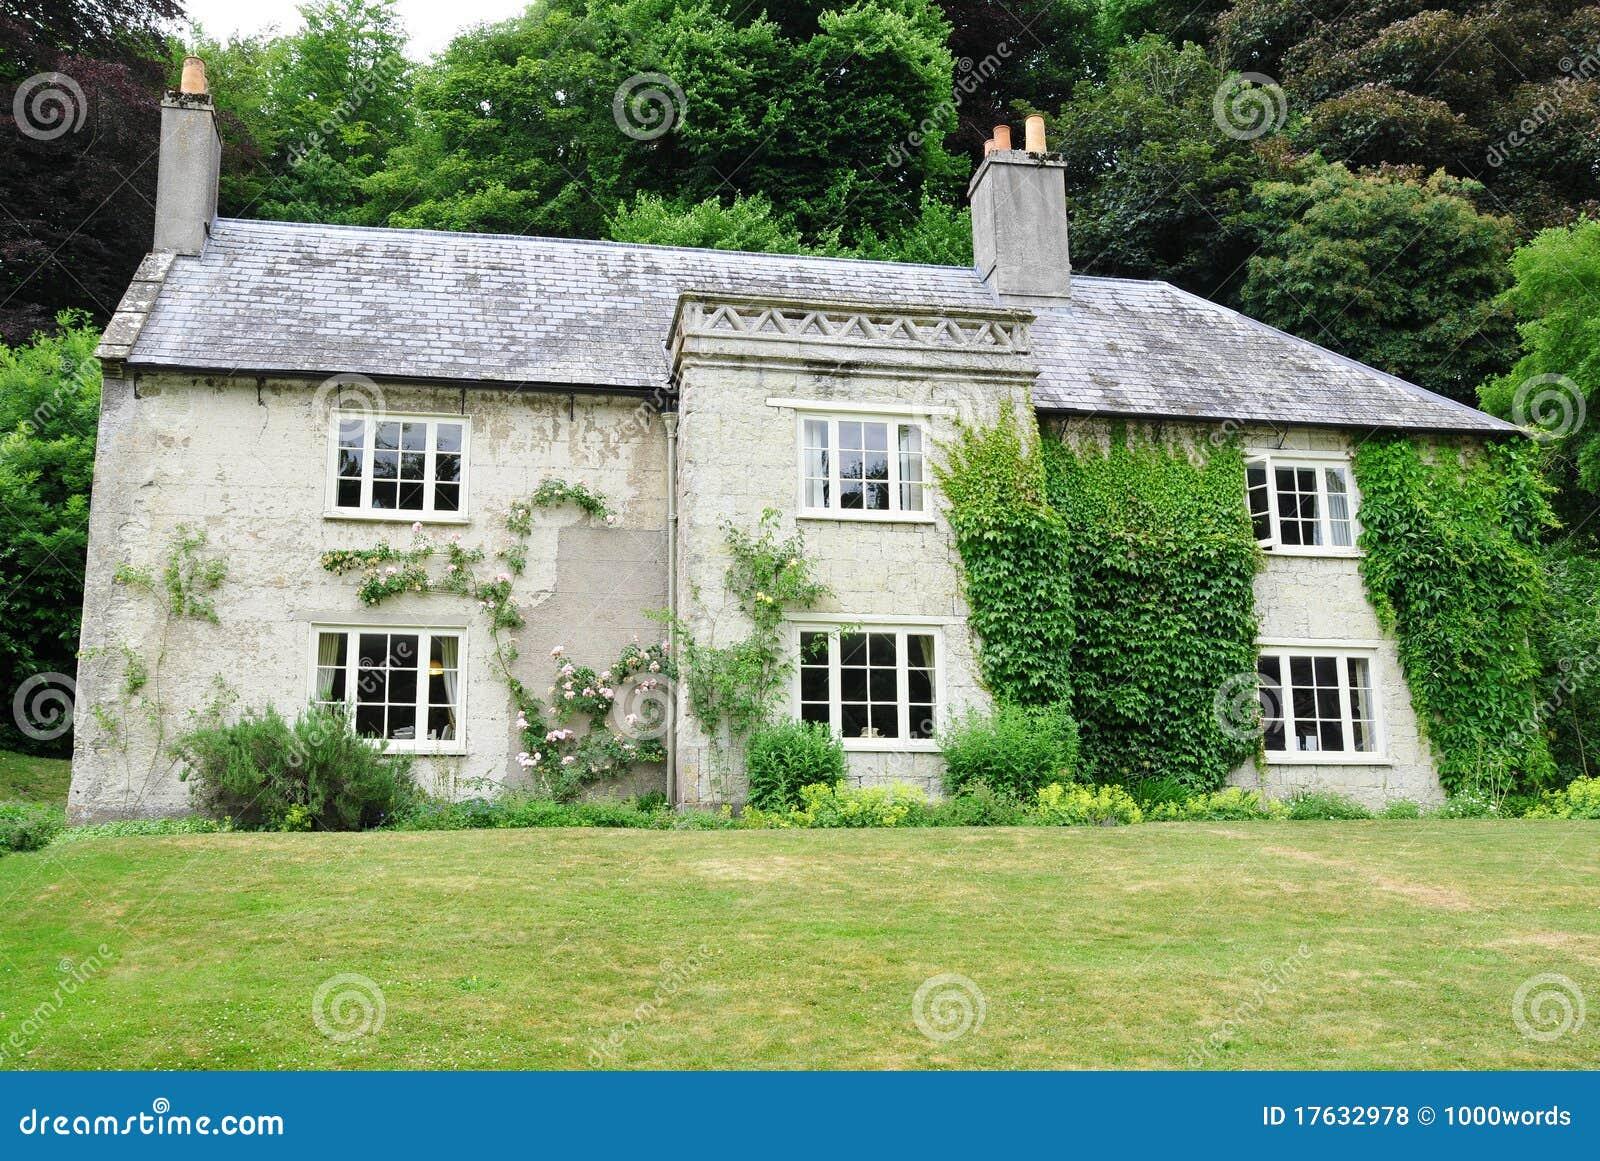 Maison de campagne photos libres de droits image 17632978 for Une maison de campagne